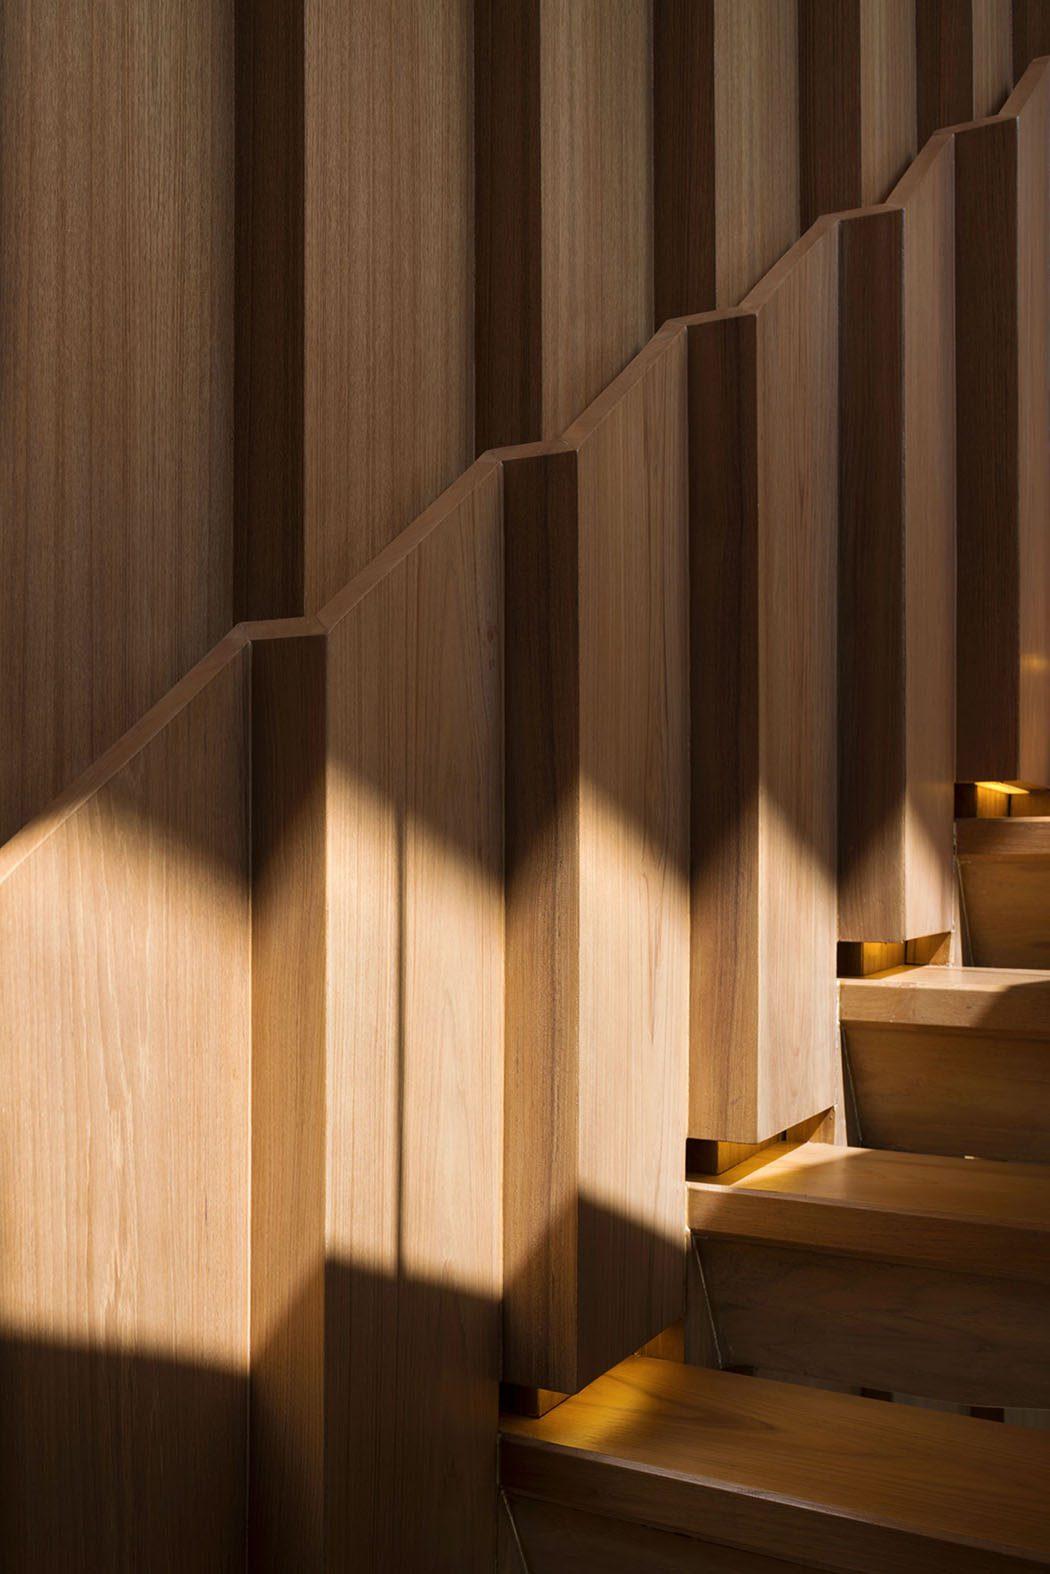 marble house'openbox architects | ignant